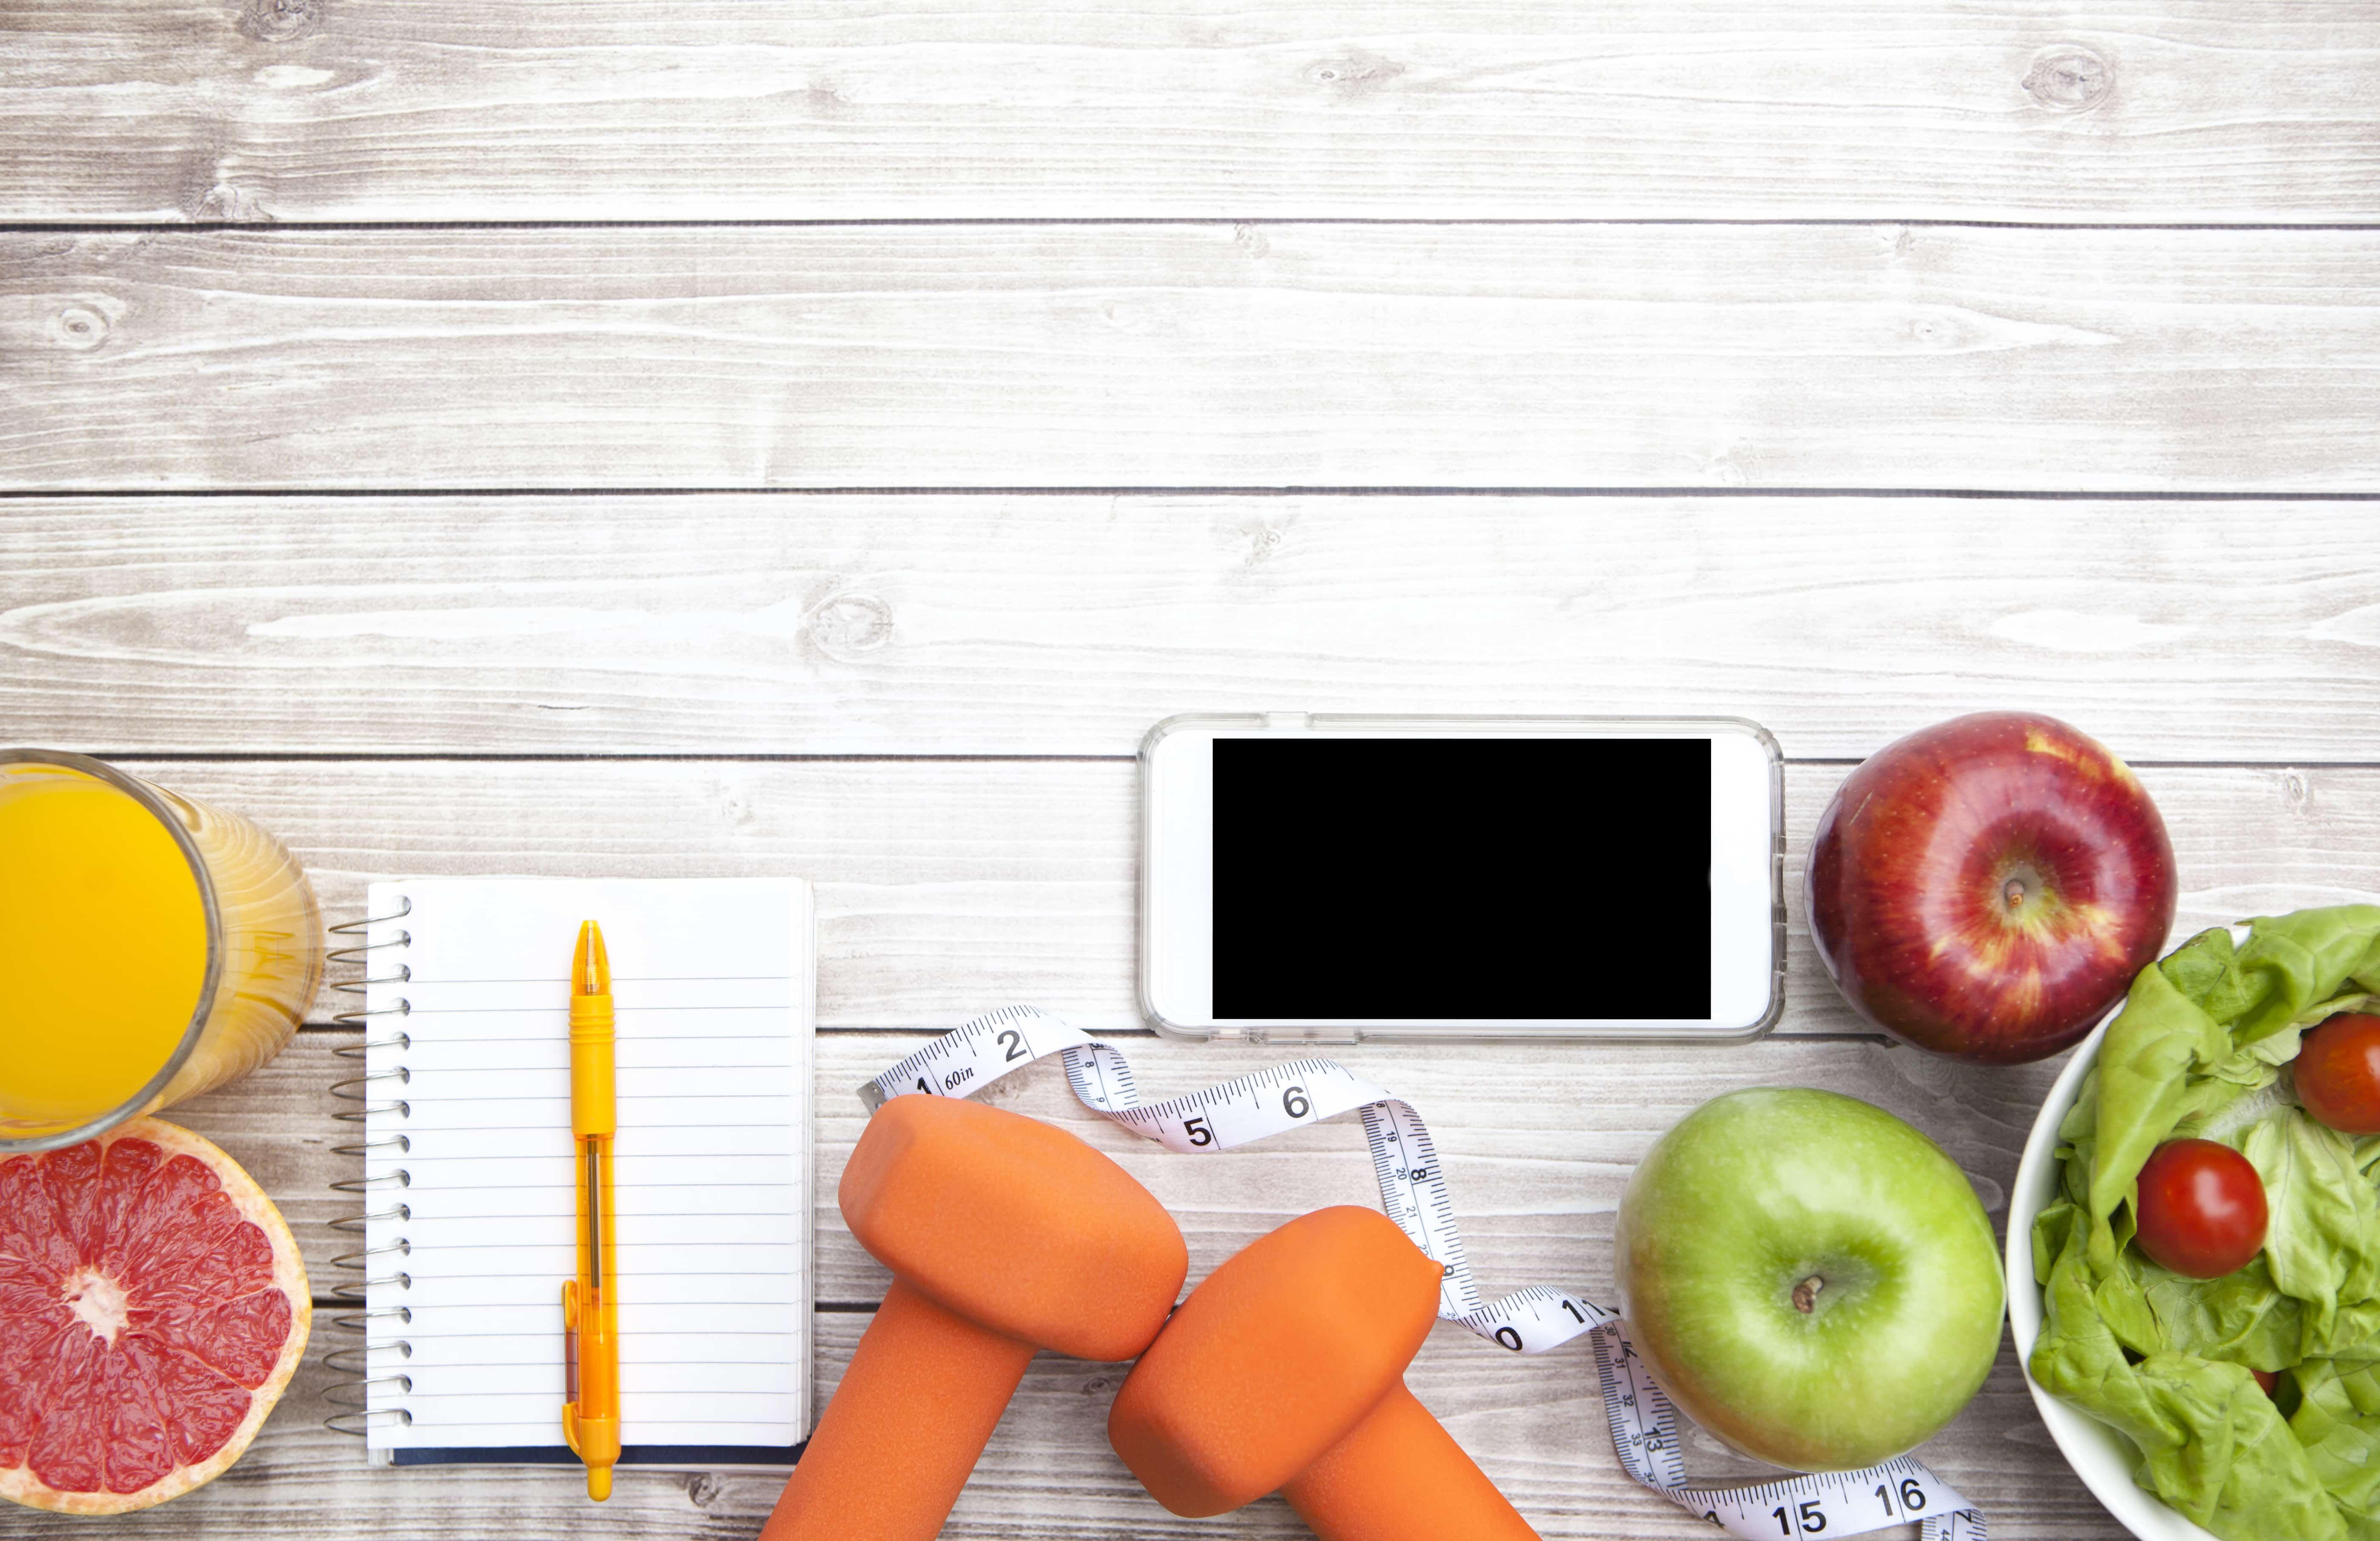 Fitness-Apps 2017: Die besten Helfer zum Abnehmen und Trainieren für iOS und Android